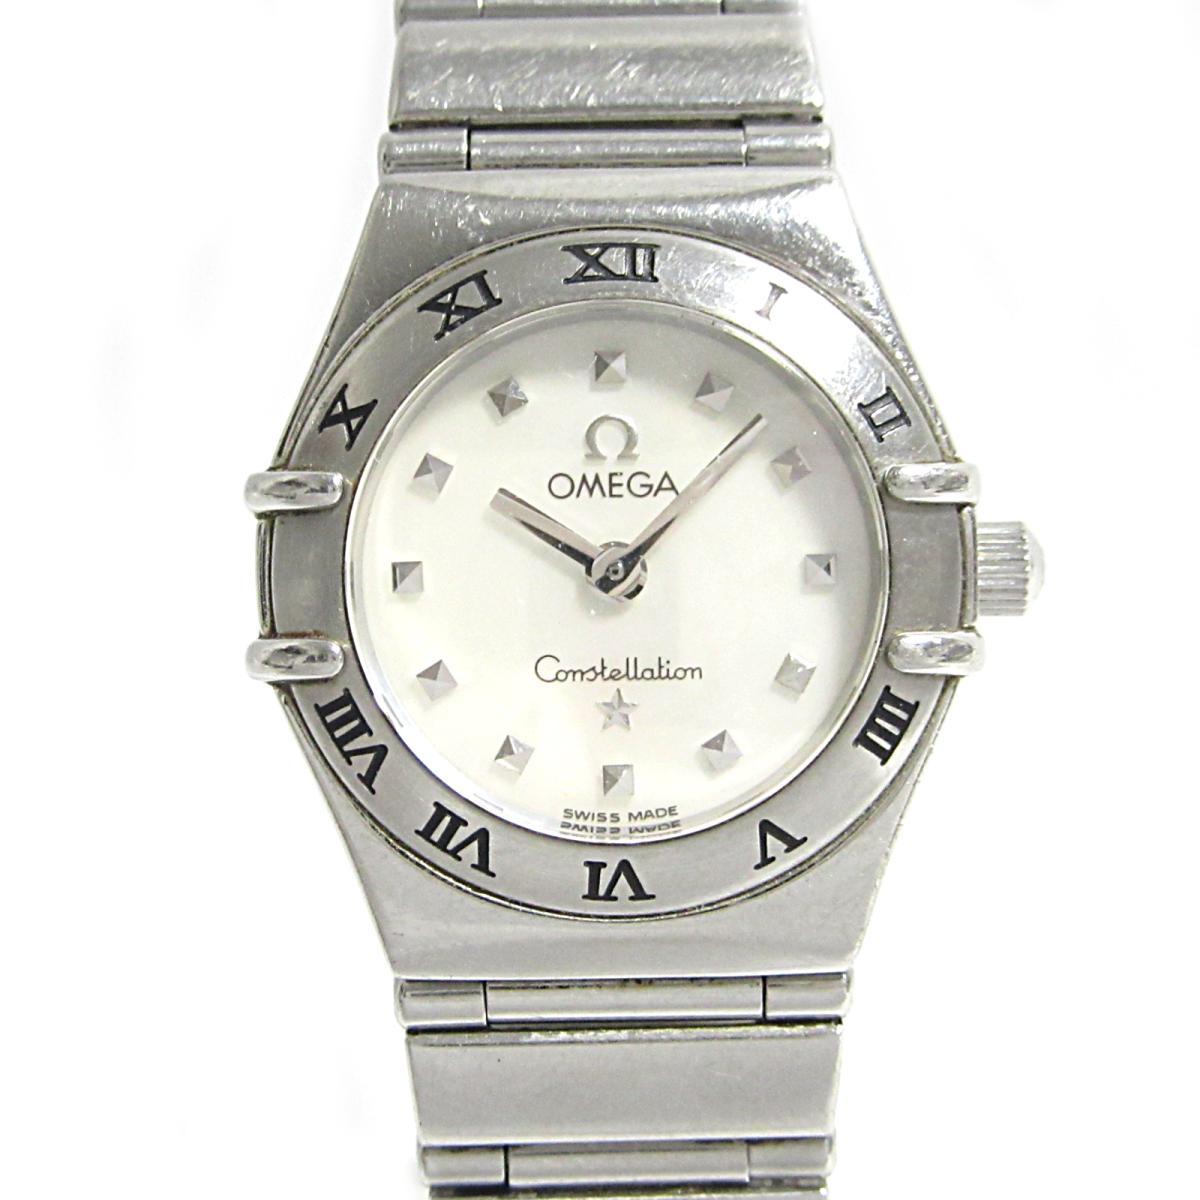 ≪期間限定≫メルマガ登録でクーポンGET! 【中古】 オメガ コンステレーション ミニ マイチョイス 腕時計 ウォッチ レディース ステンレススチール (SS) (1561.71) | OMEGA BRANDOFF ブランドオフ ブランド ブランド時計 ブランド腕時計 時計